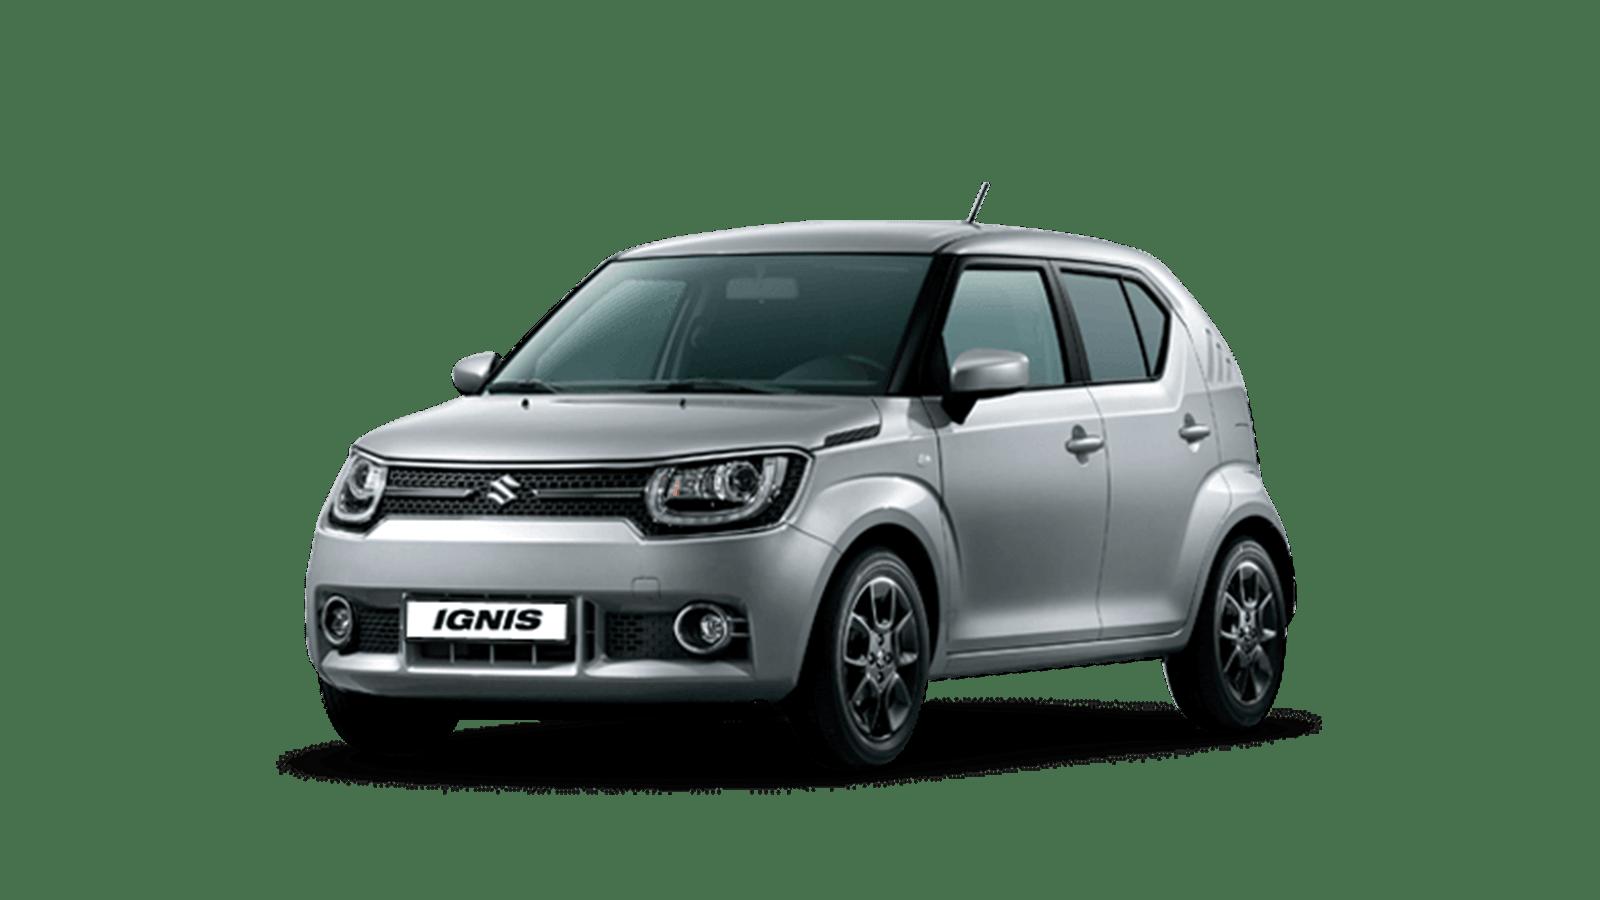 Ignis Urban SUV | Suzuki South Africa